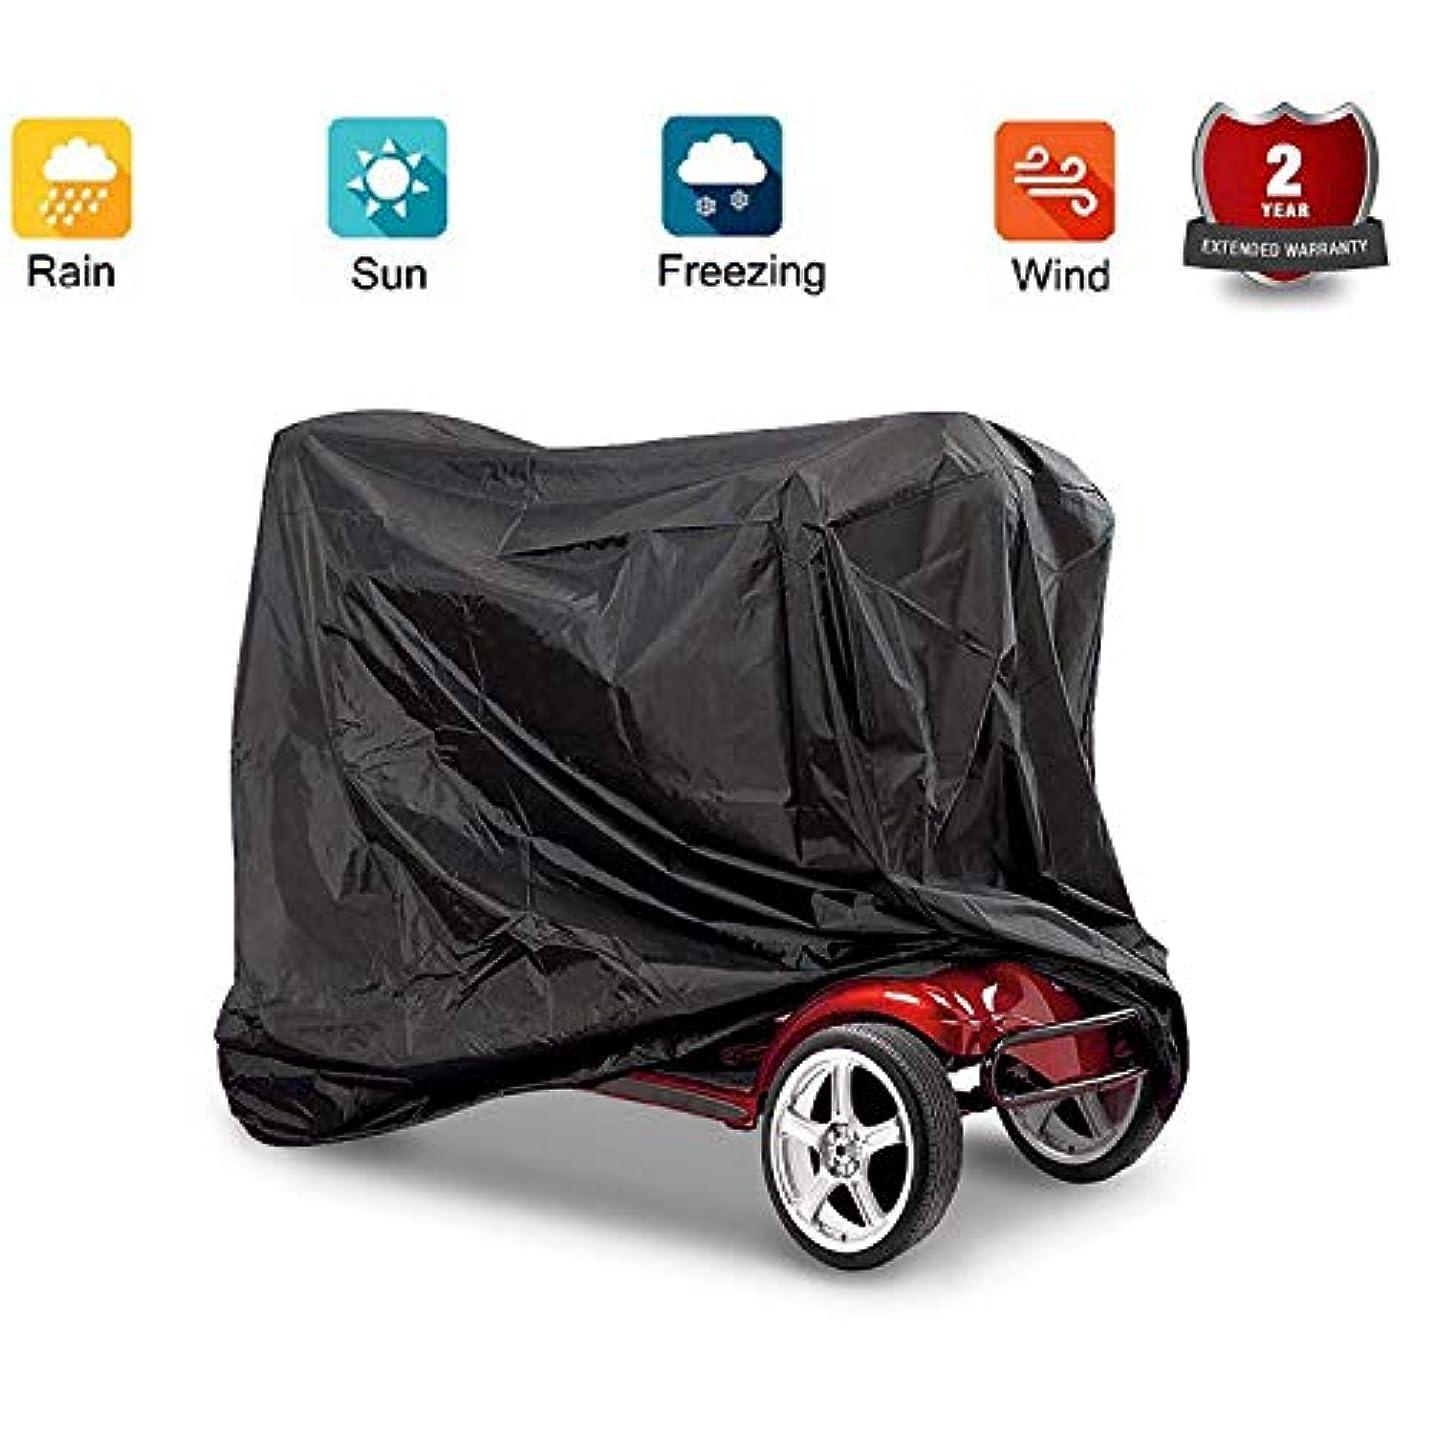 百万コンパイル価値スクーターカバー、標準ヘビーデューティモビリティスクーターストレージ雨カバー防水Eldlyモビリティスクーターカバー140 * 66 * 91 cm